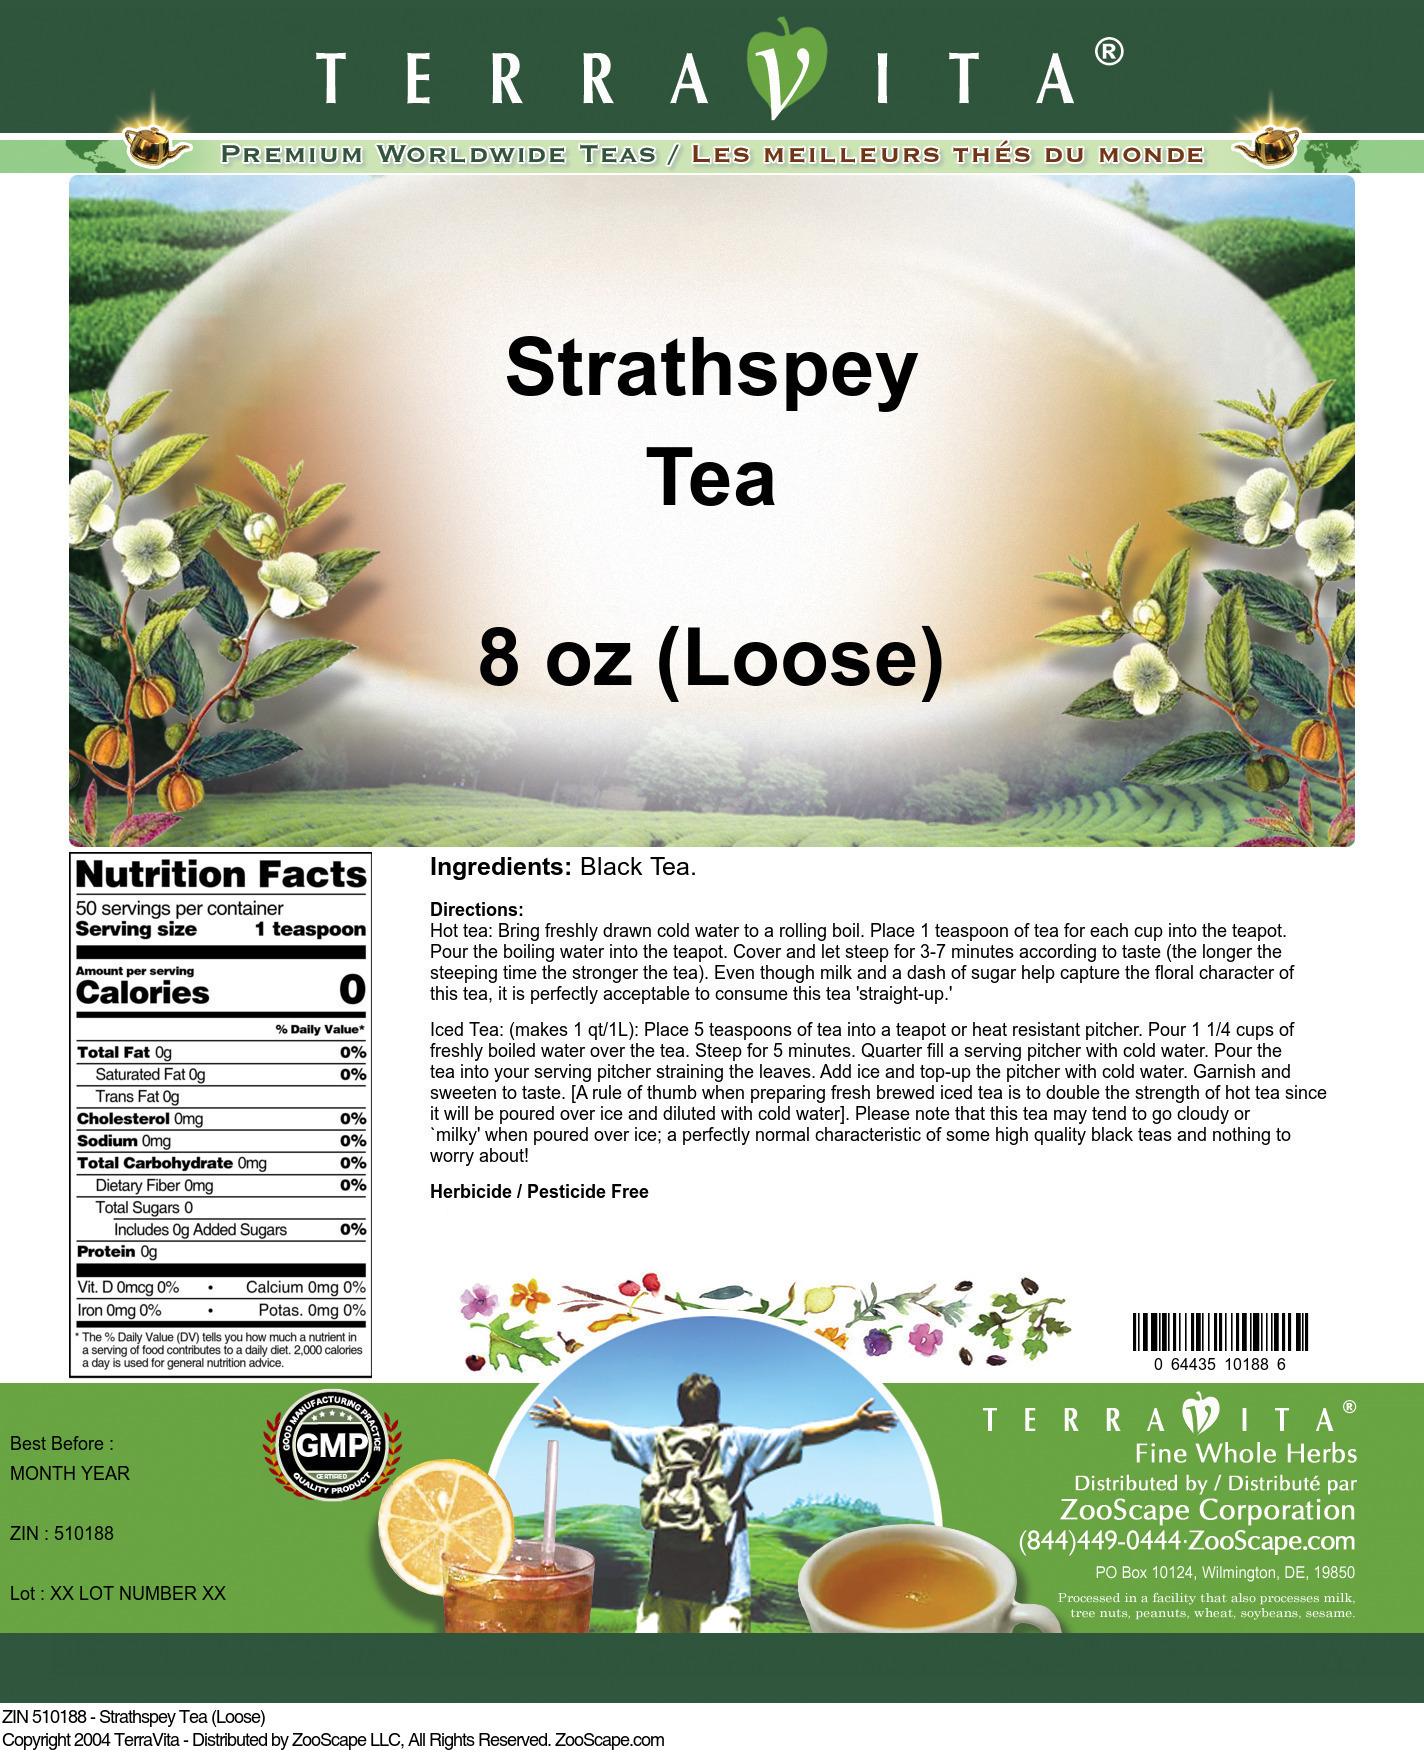 Strathspey Tea (Loose)